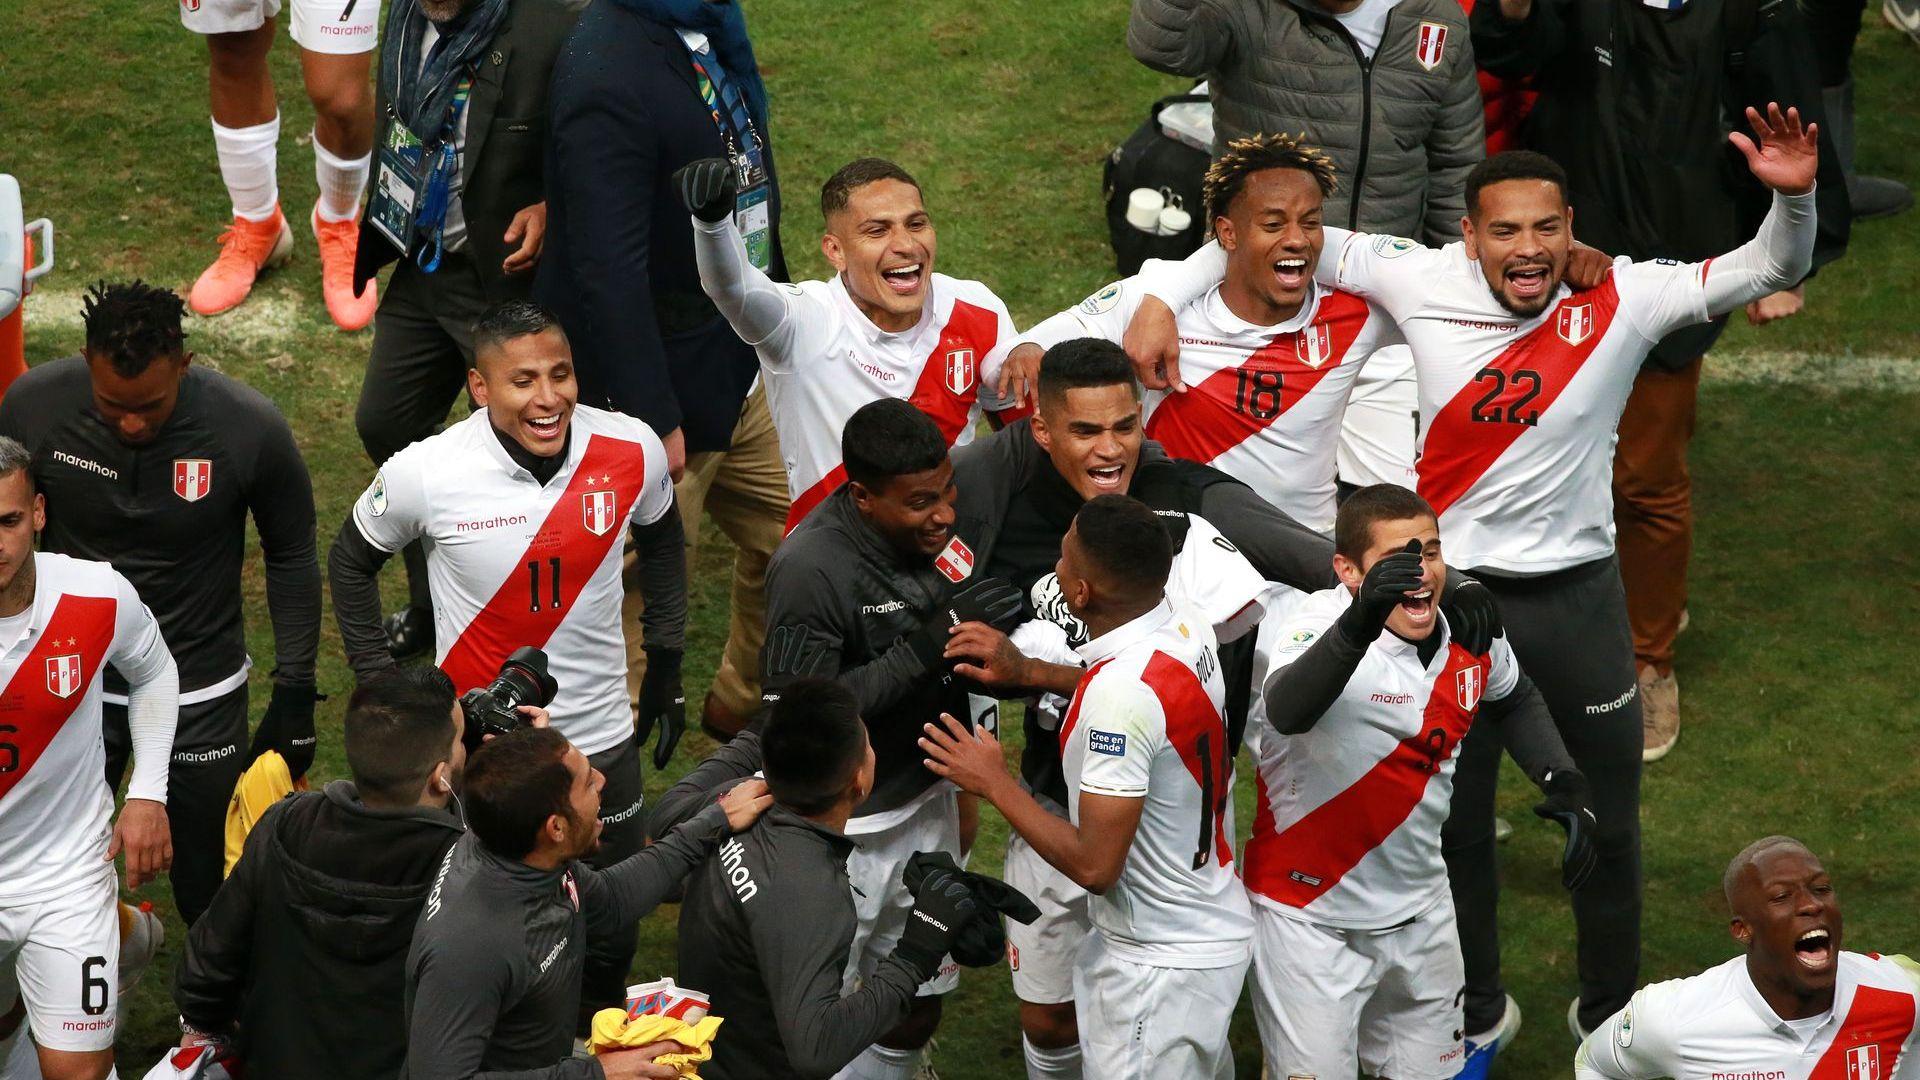 Шокова терапия смрази шампиона, Бразилия се усмихва за финала